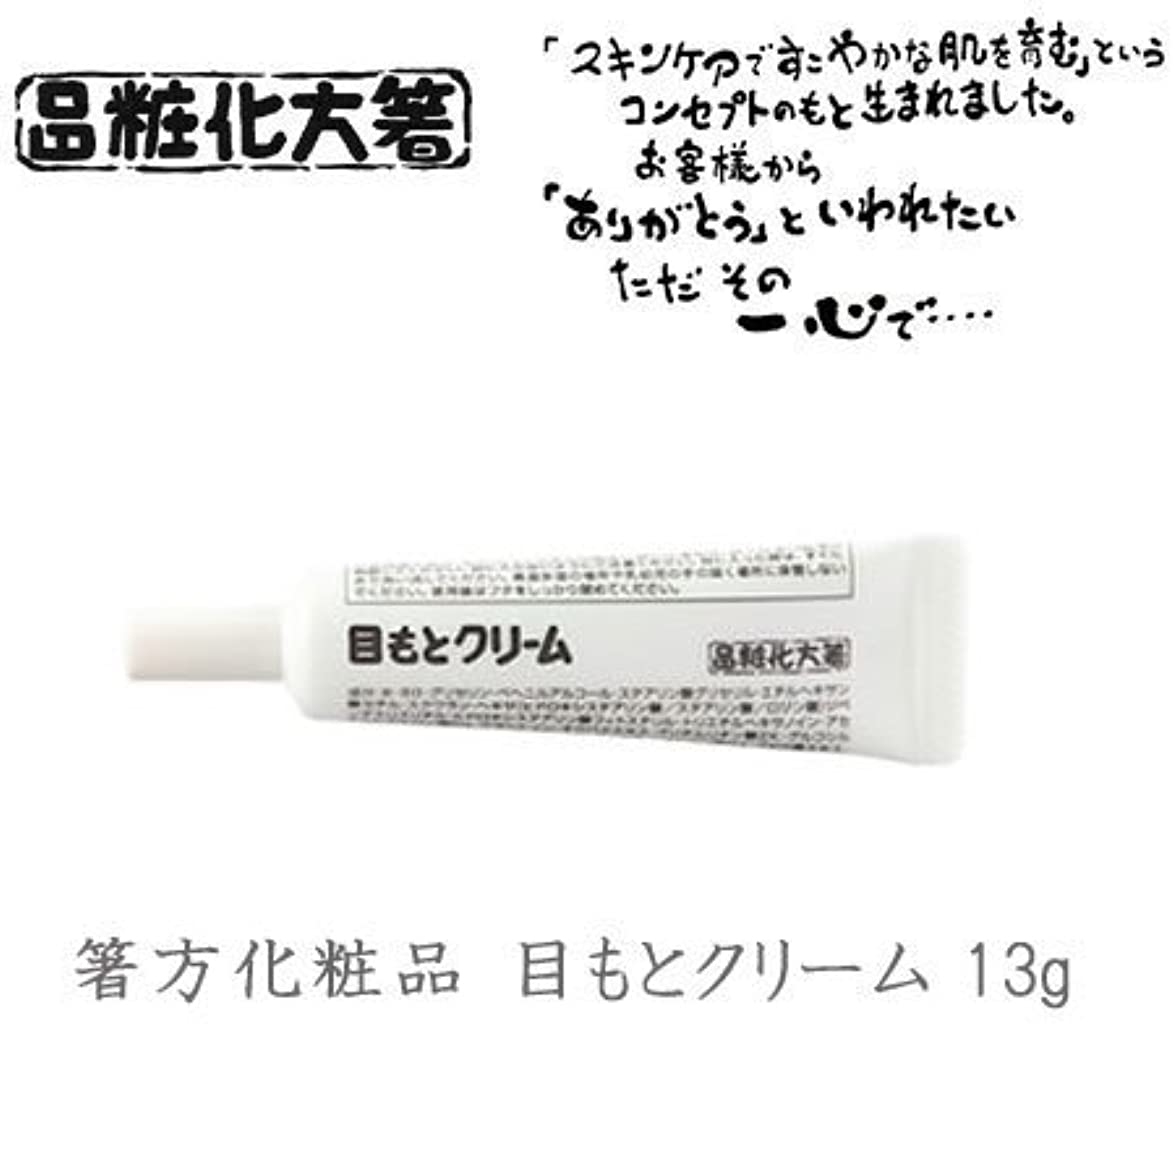 時代徴収誇張箸方化粧品 目もとクリーム 13g はしかた化粧品